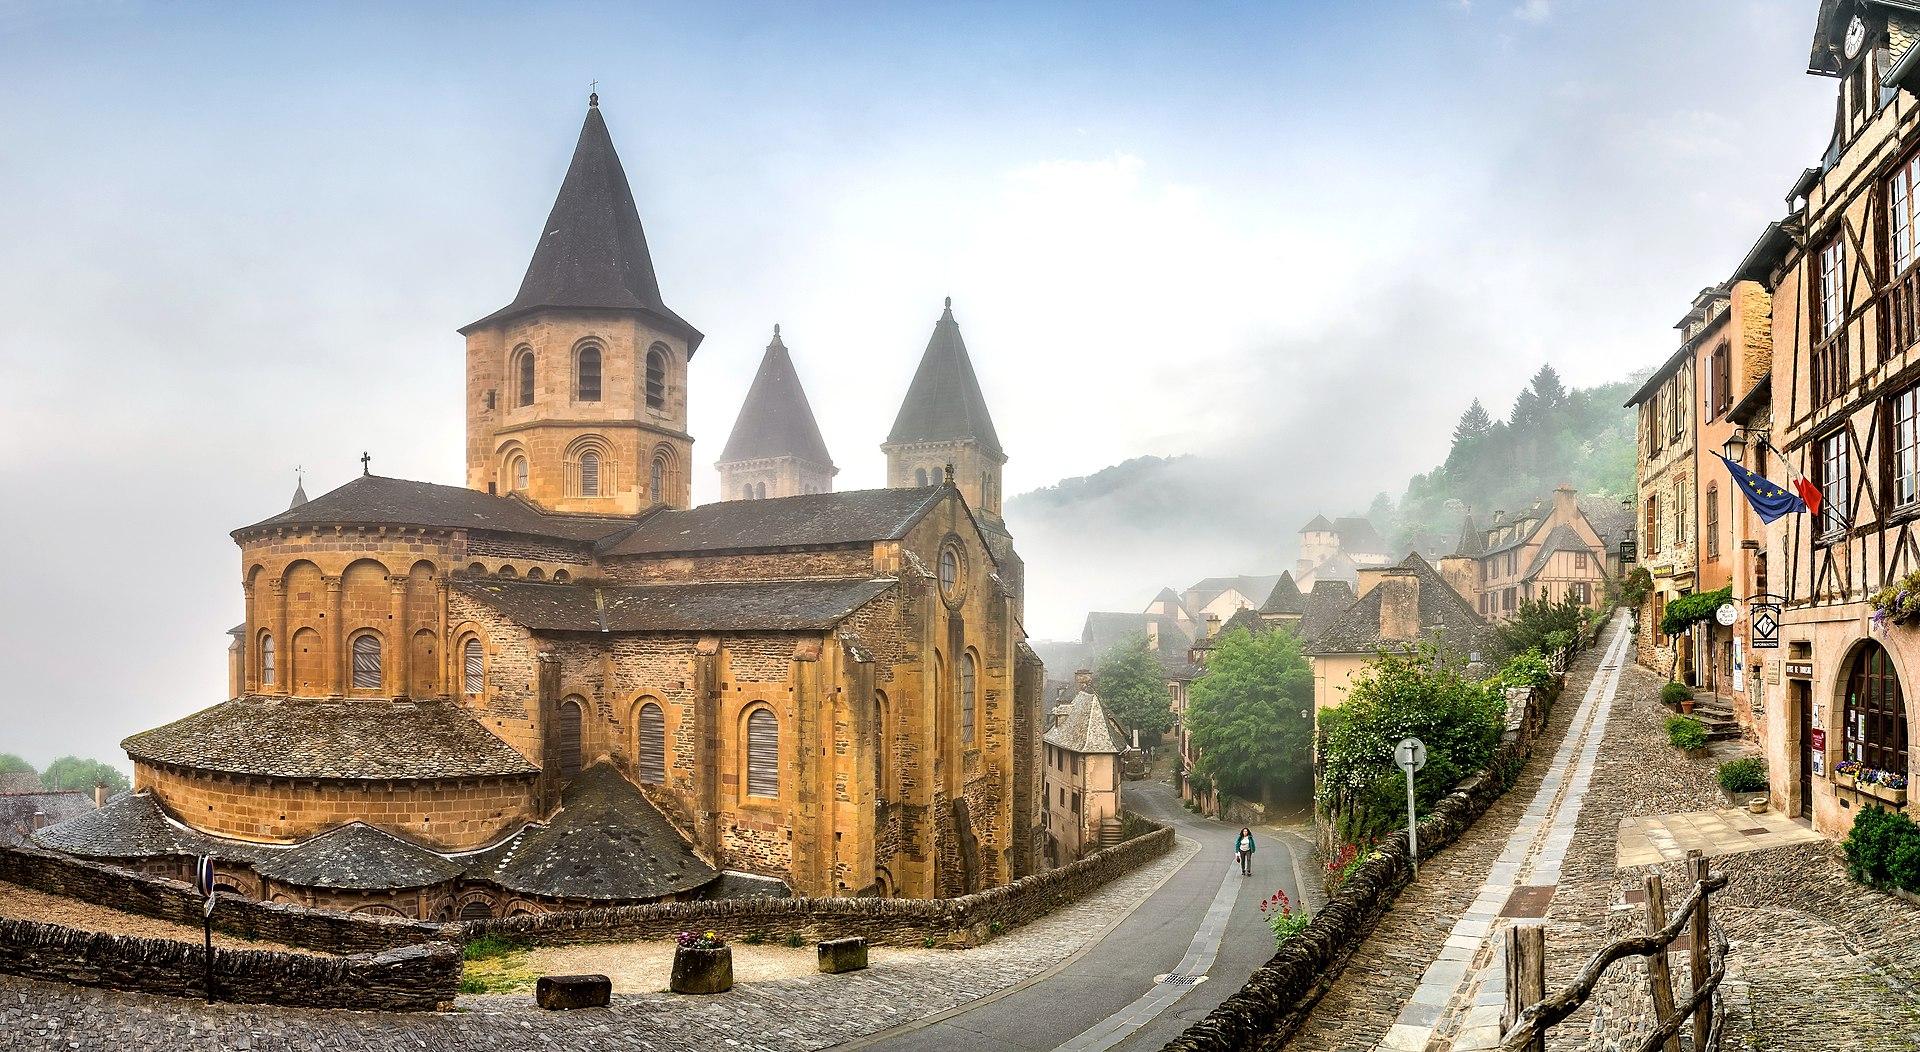 Saint Faith Abbey Church of Conques 22.jpg